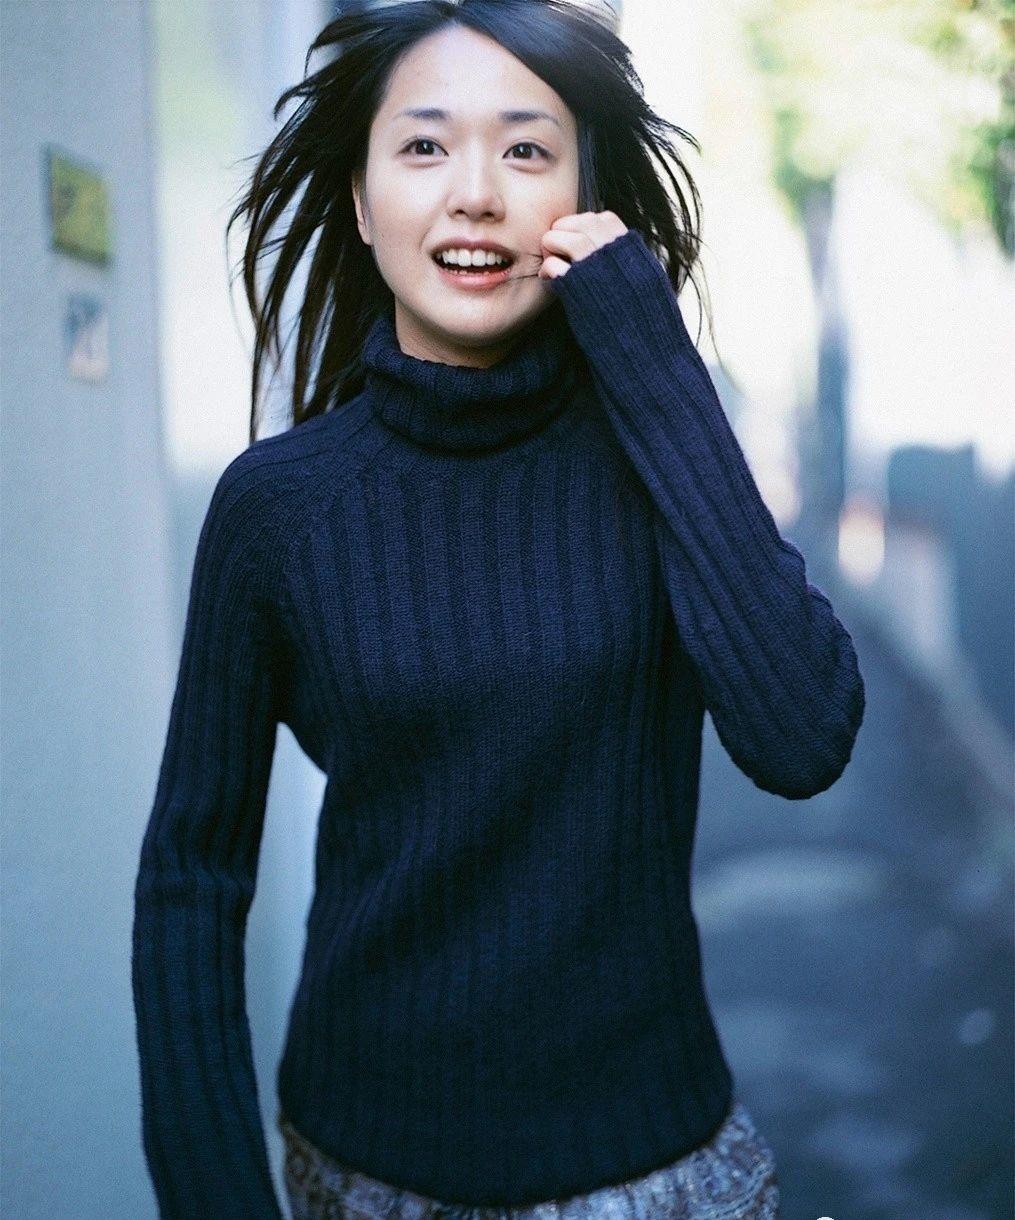 美的不可方物少女时代的户田惠梨香写真作品 (50)